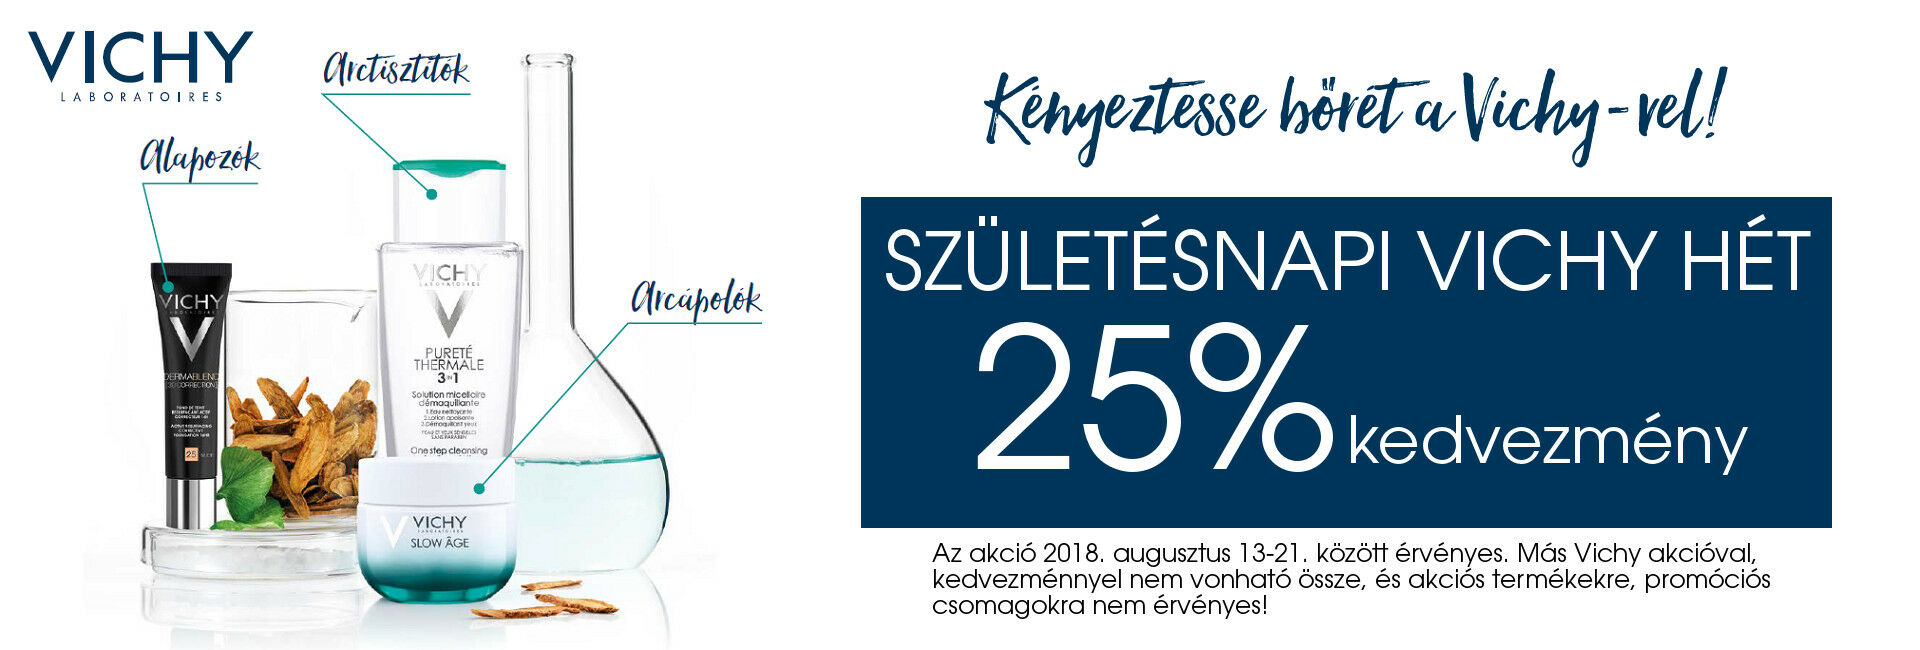 Szülinapi Vichy Napok: 2018. augusztus 13-21. között minden Vichy terméket 25%kedvezménnyel kínálunk!